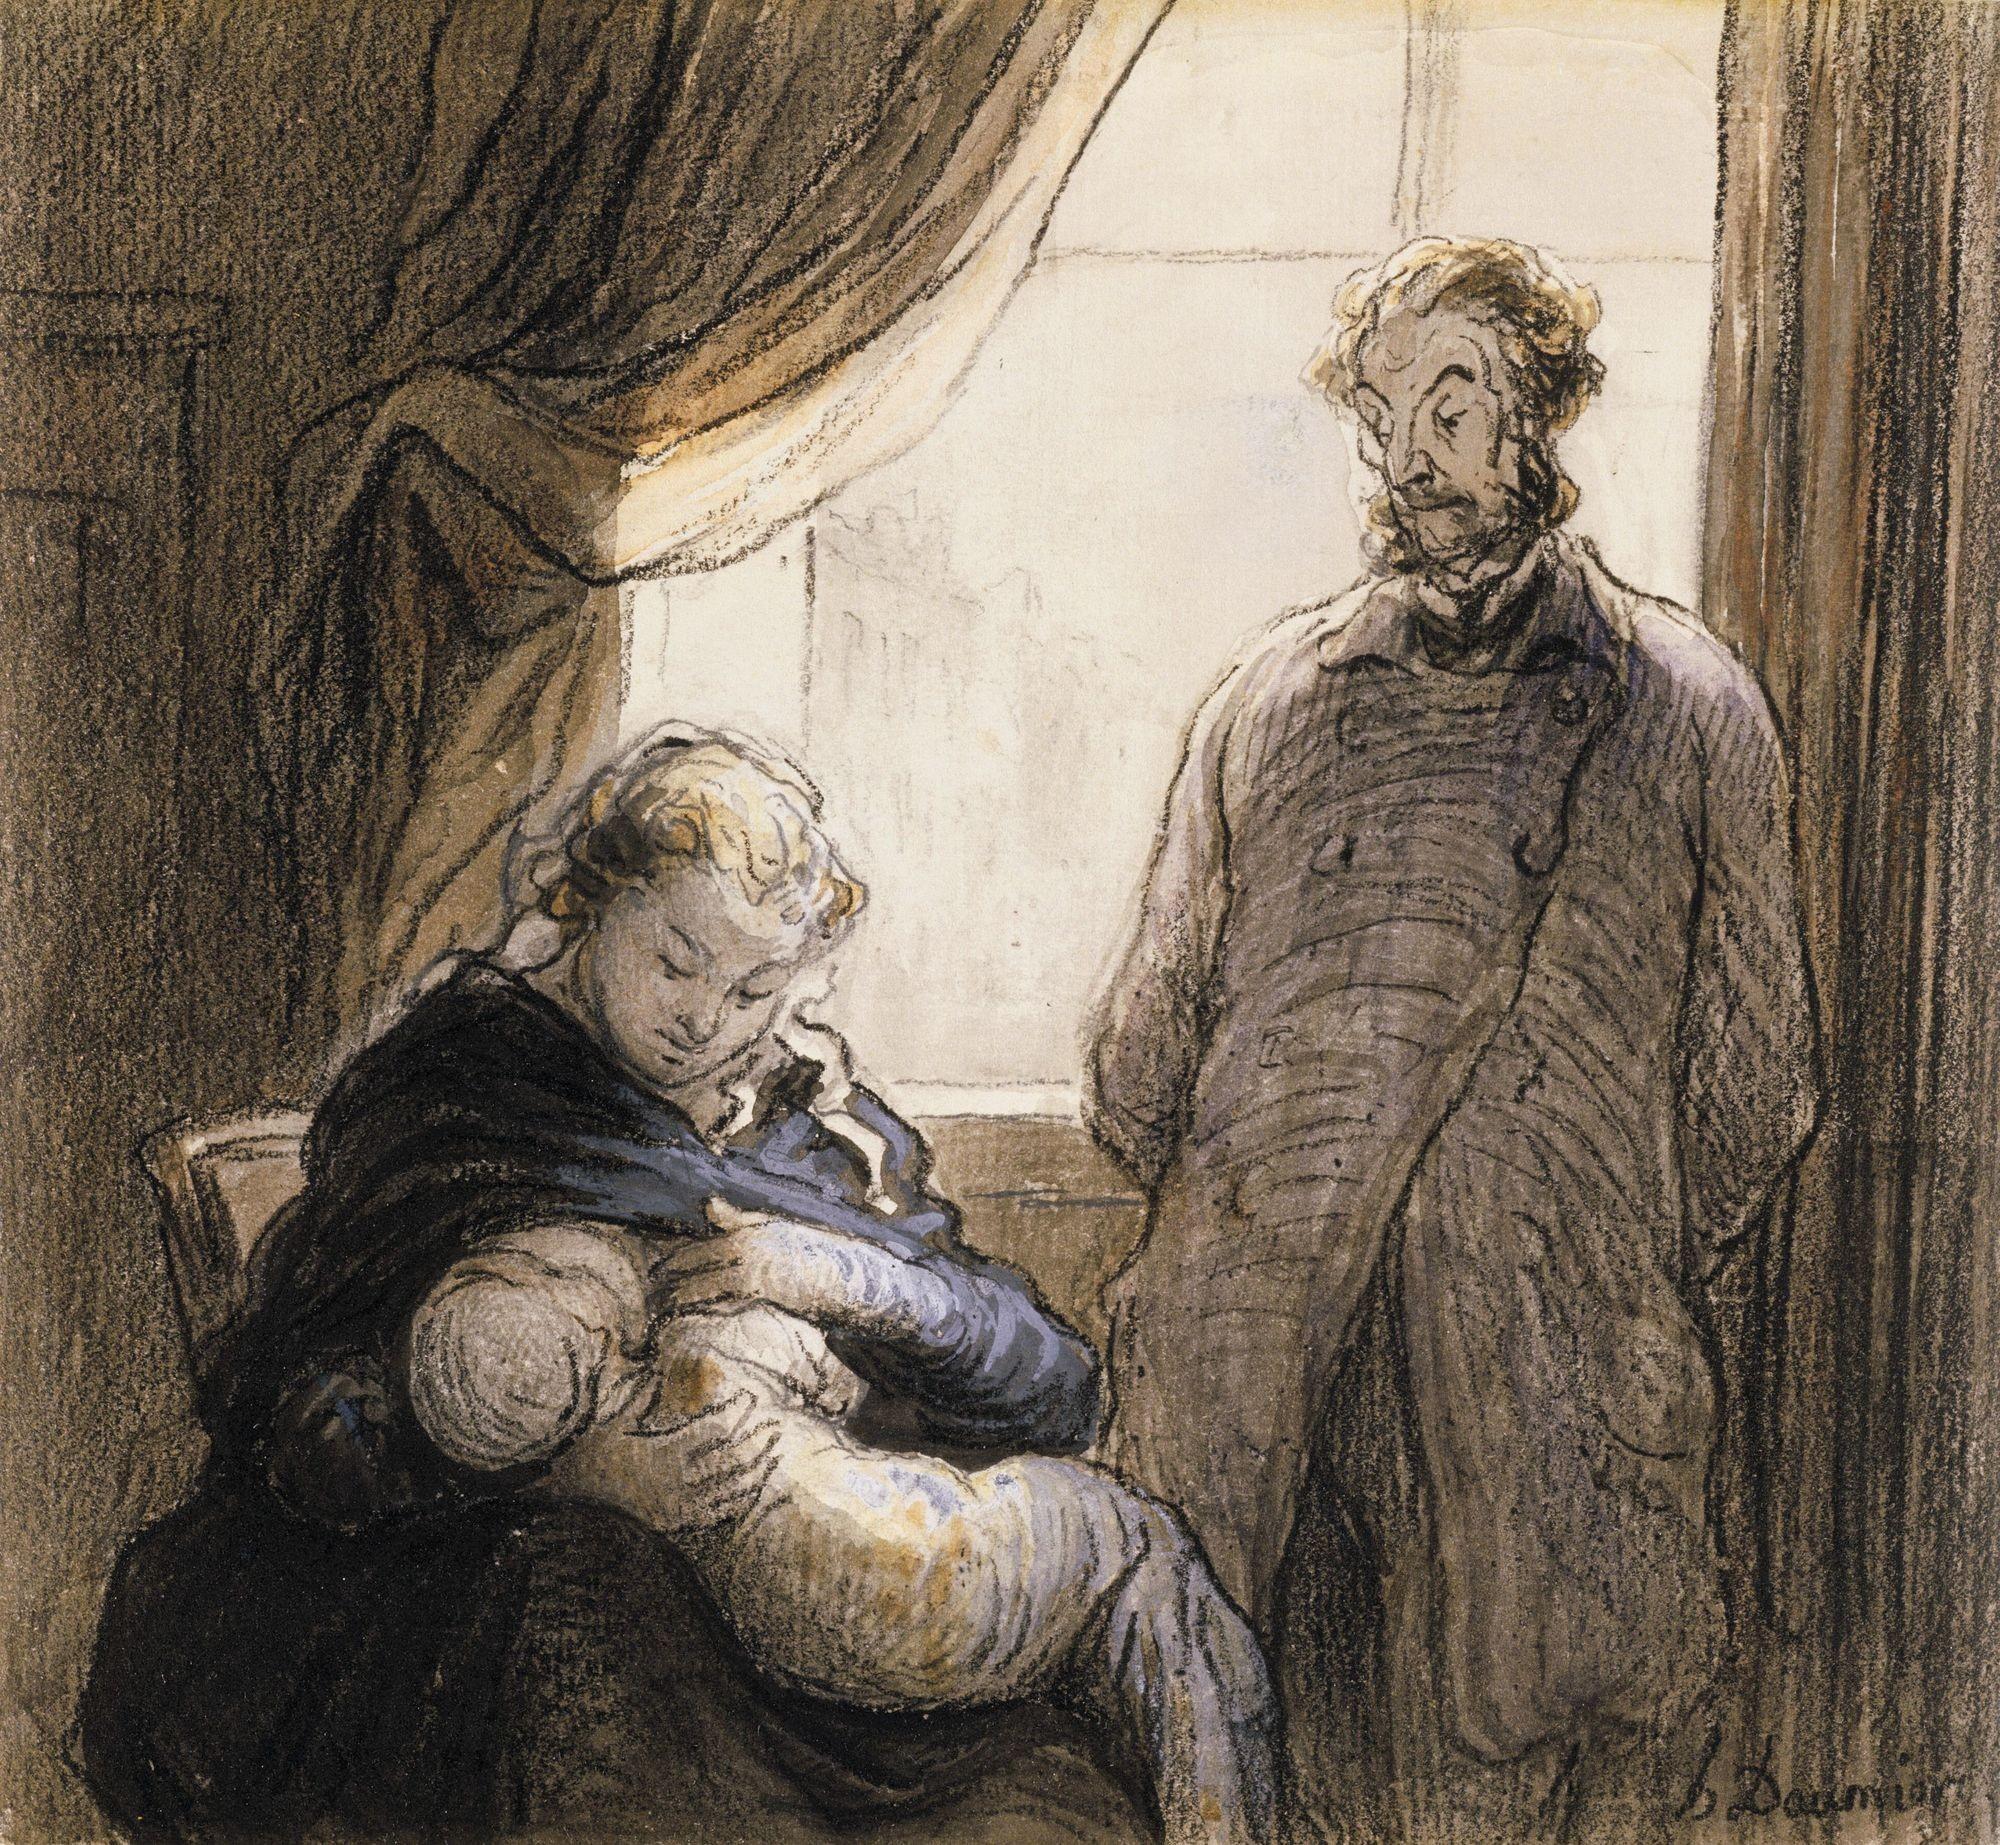 Organiser un débat politique : qu'est-ce que l'égalité en 1848 ?